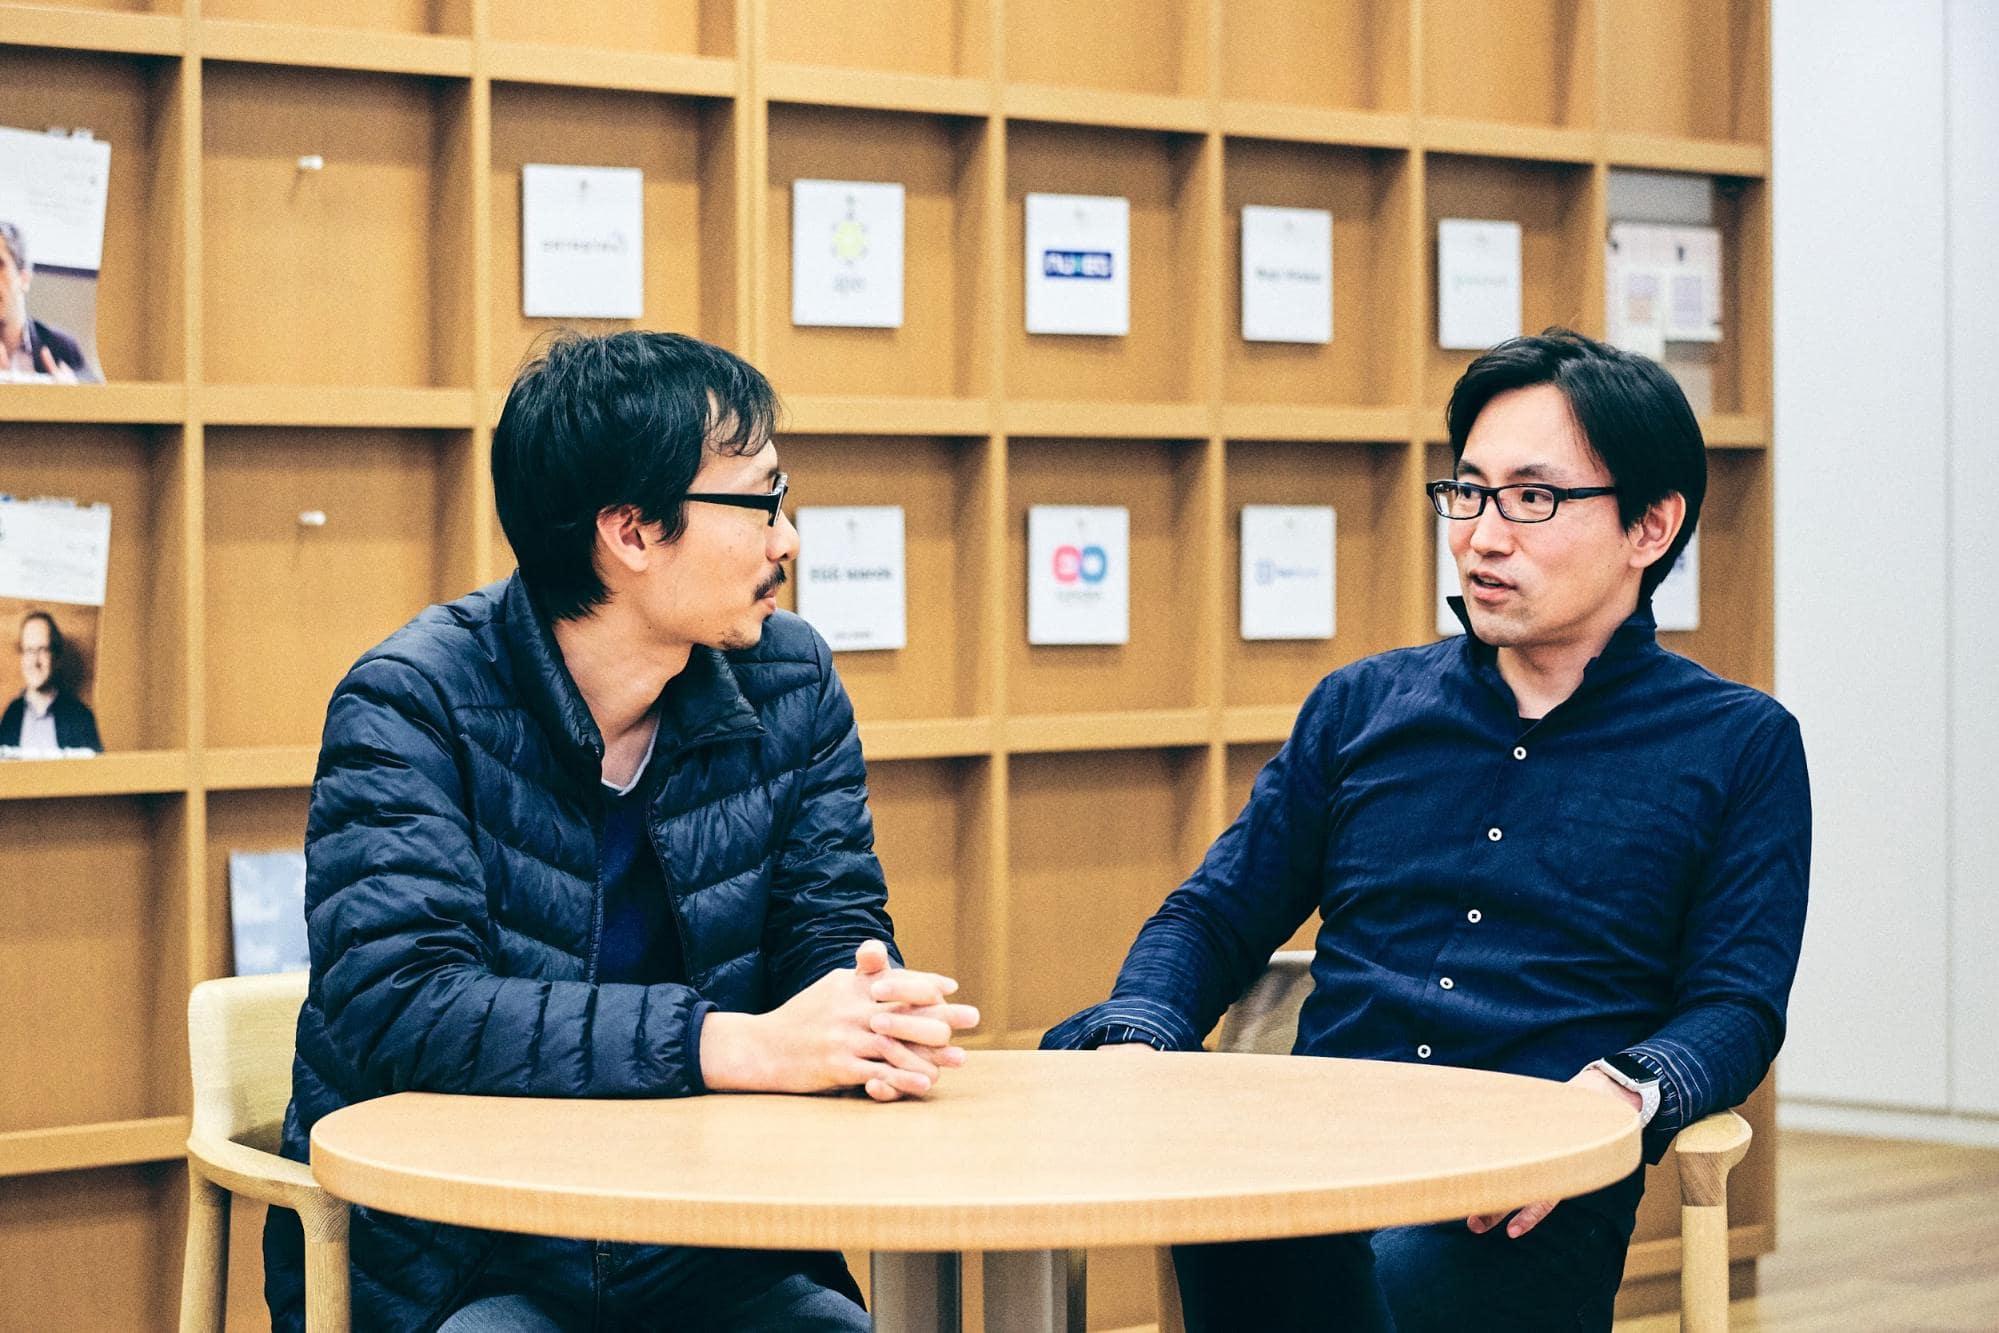 東京では異なるコミュニティーが立ち上がる?